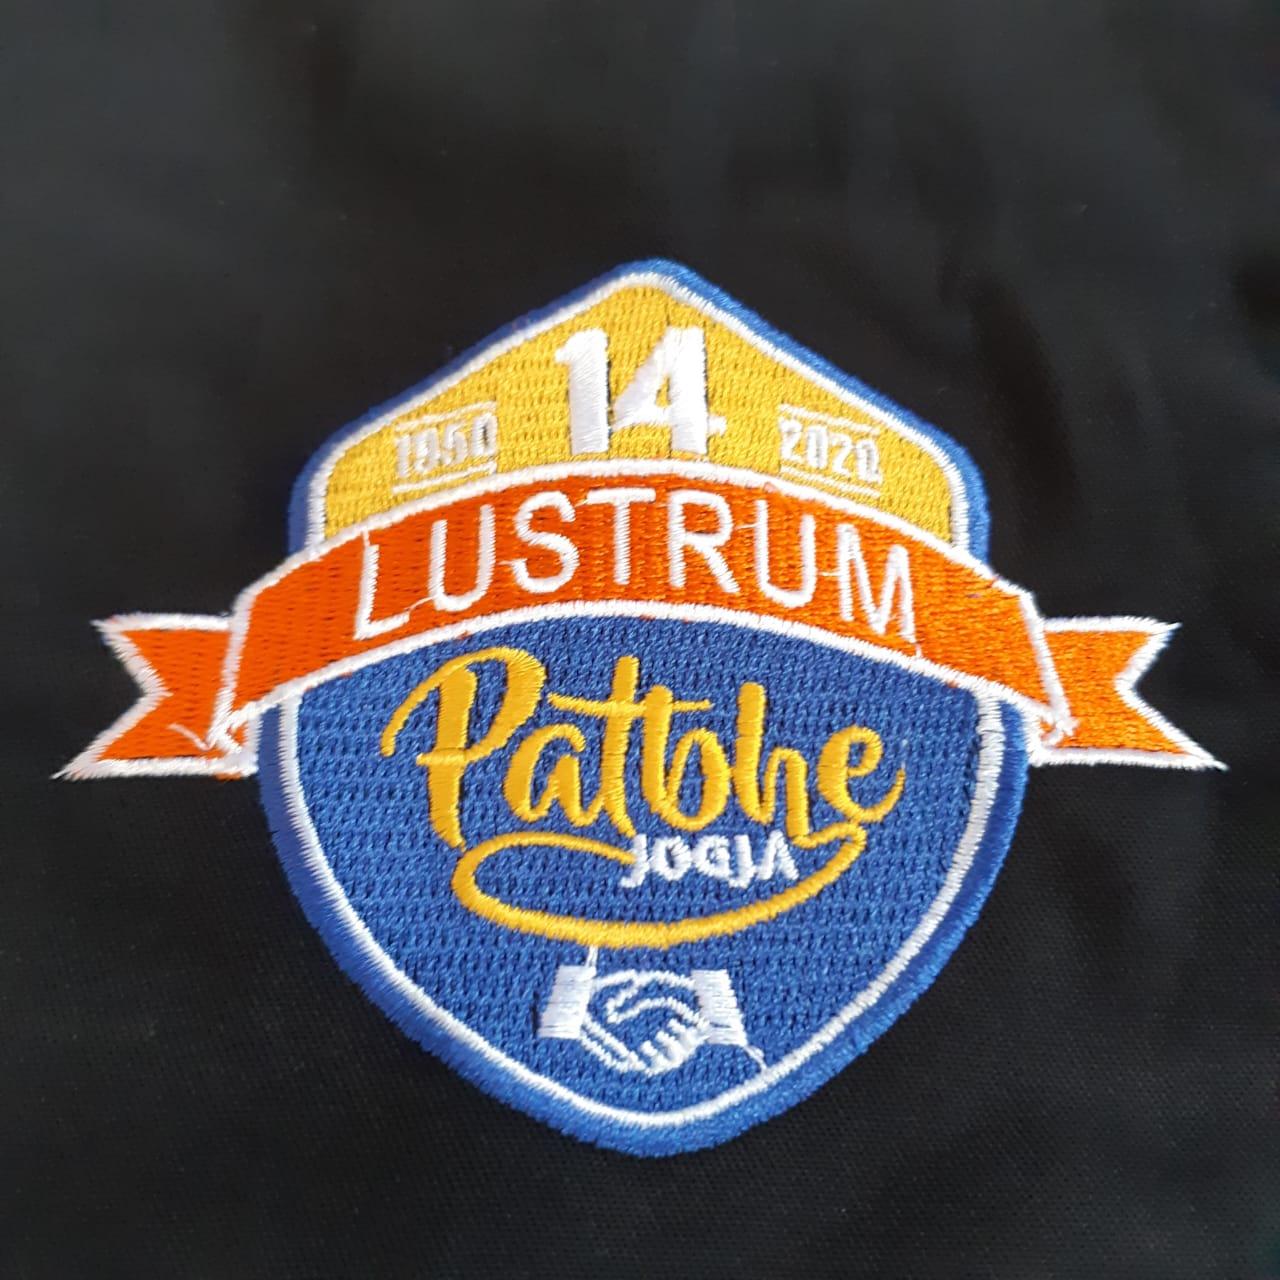 Lustrum patbhe jogja Jaket Logo Komunitas